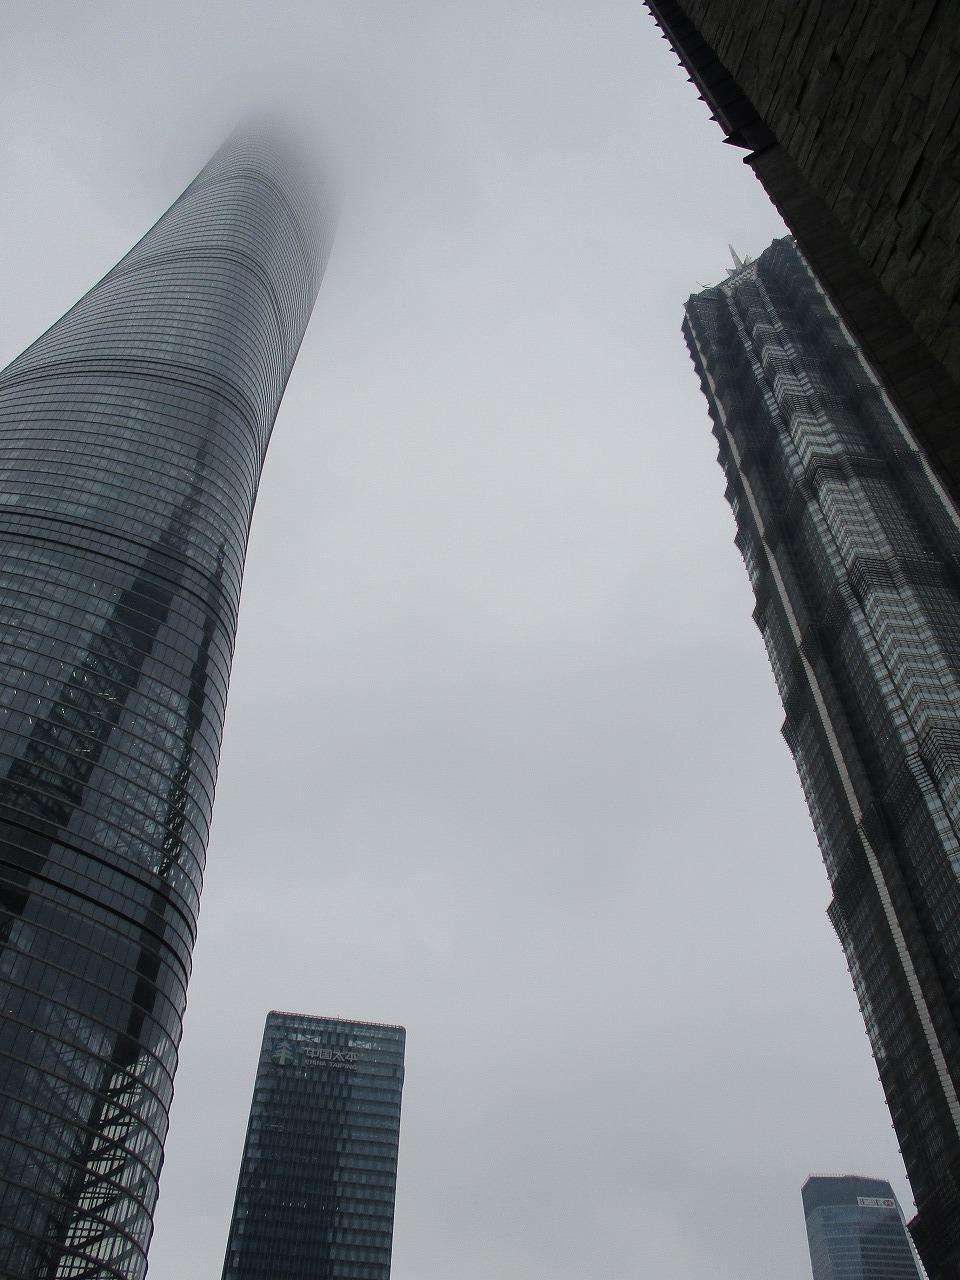 中国デジタル革命 視察旅行に参加しました(前編)_e0190287_18235902.jpg